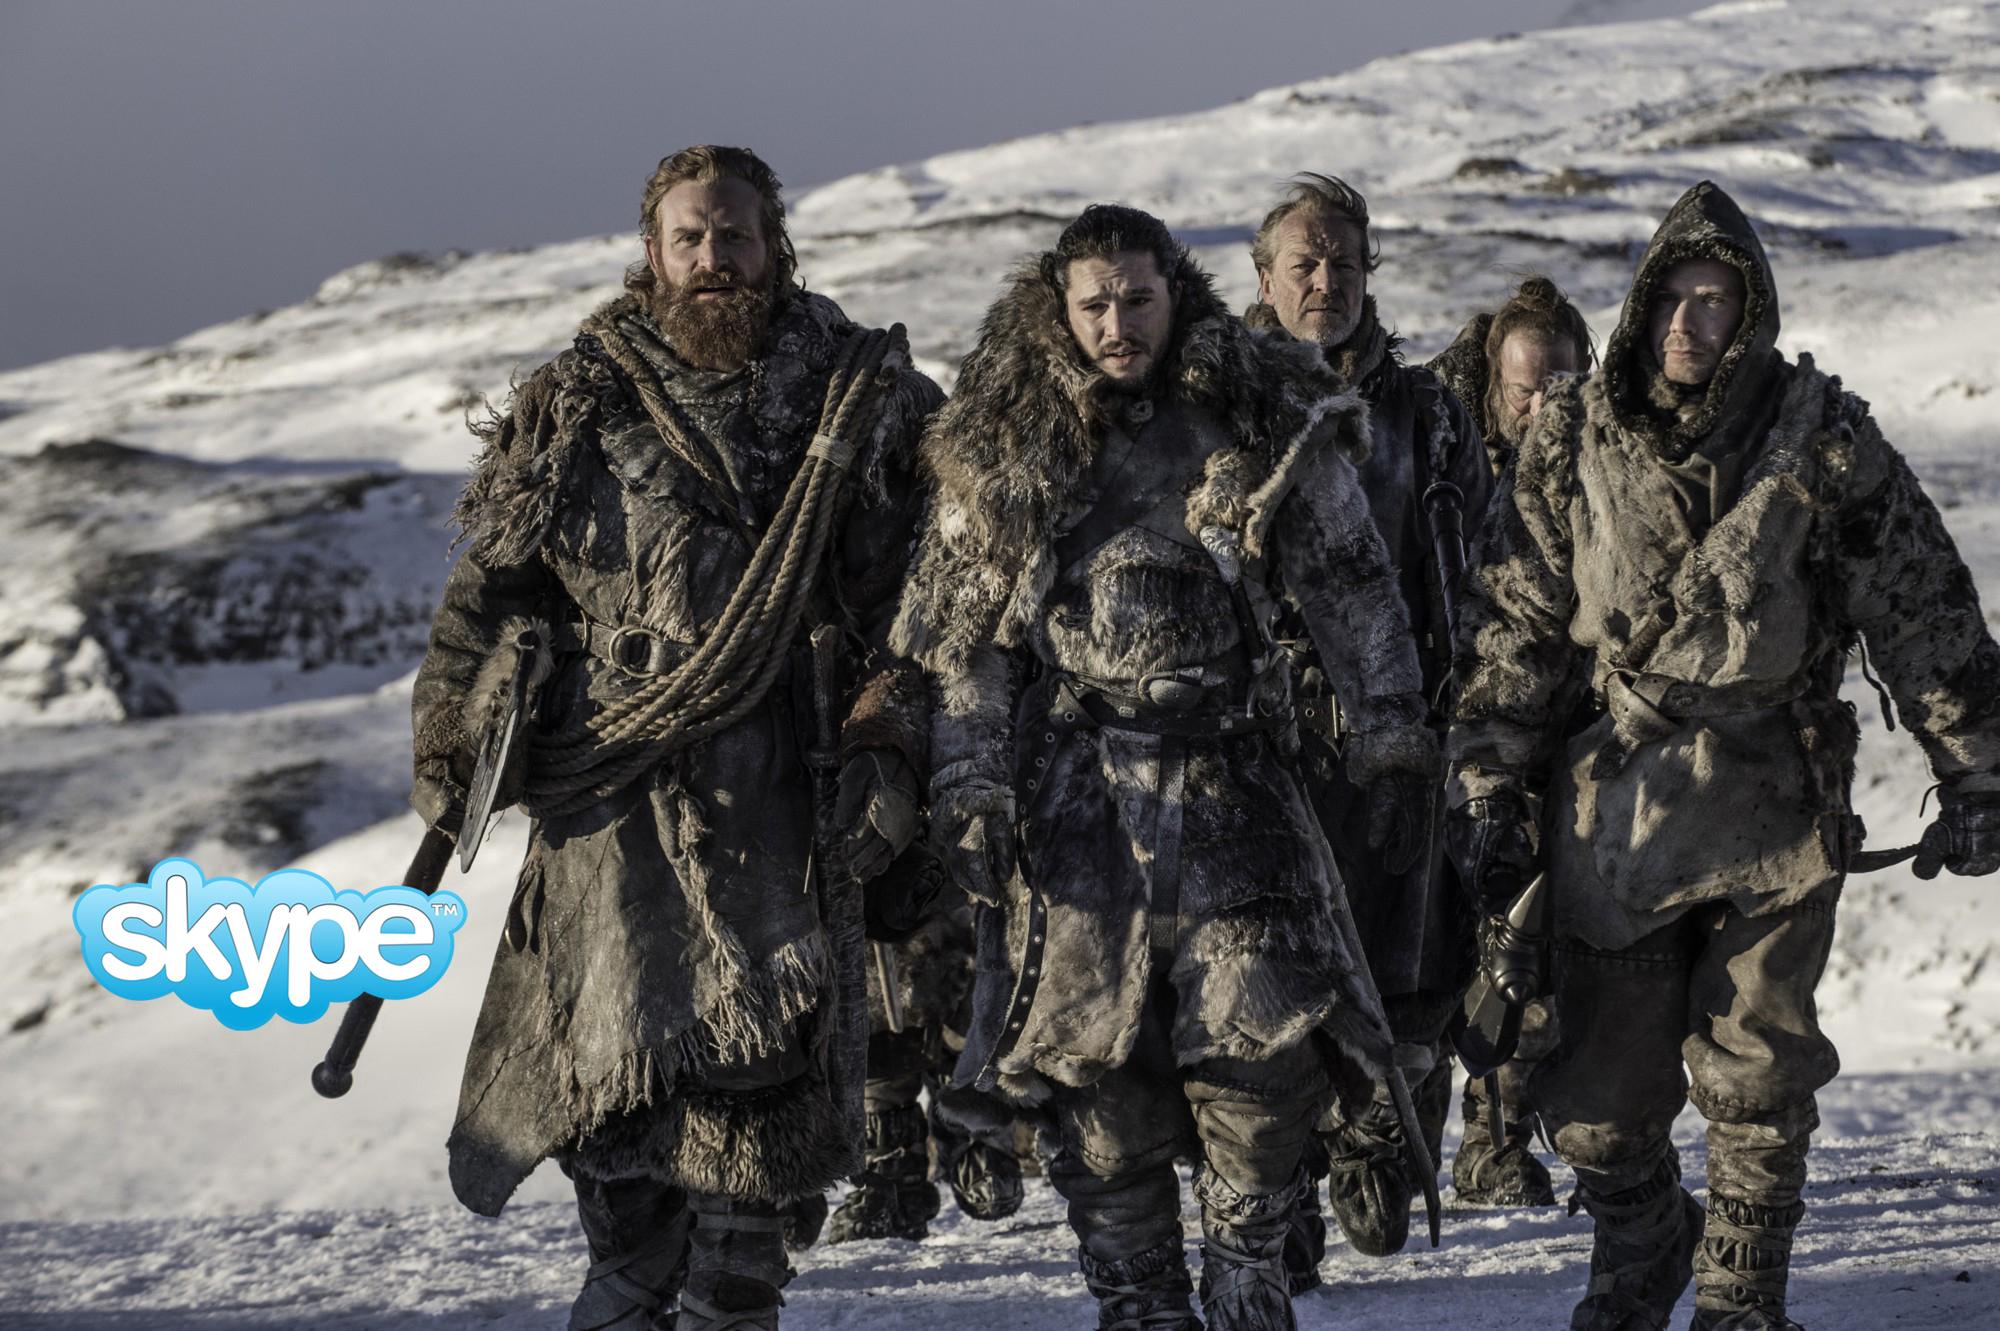 Clases de conversación por Skype – Hablamos de 'Game of Thrones'